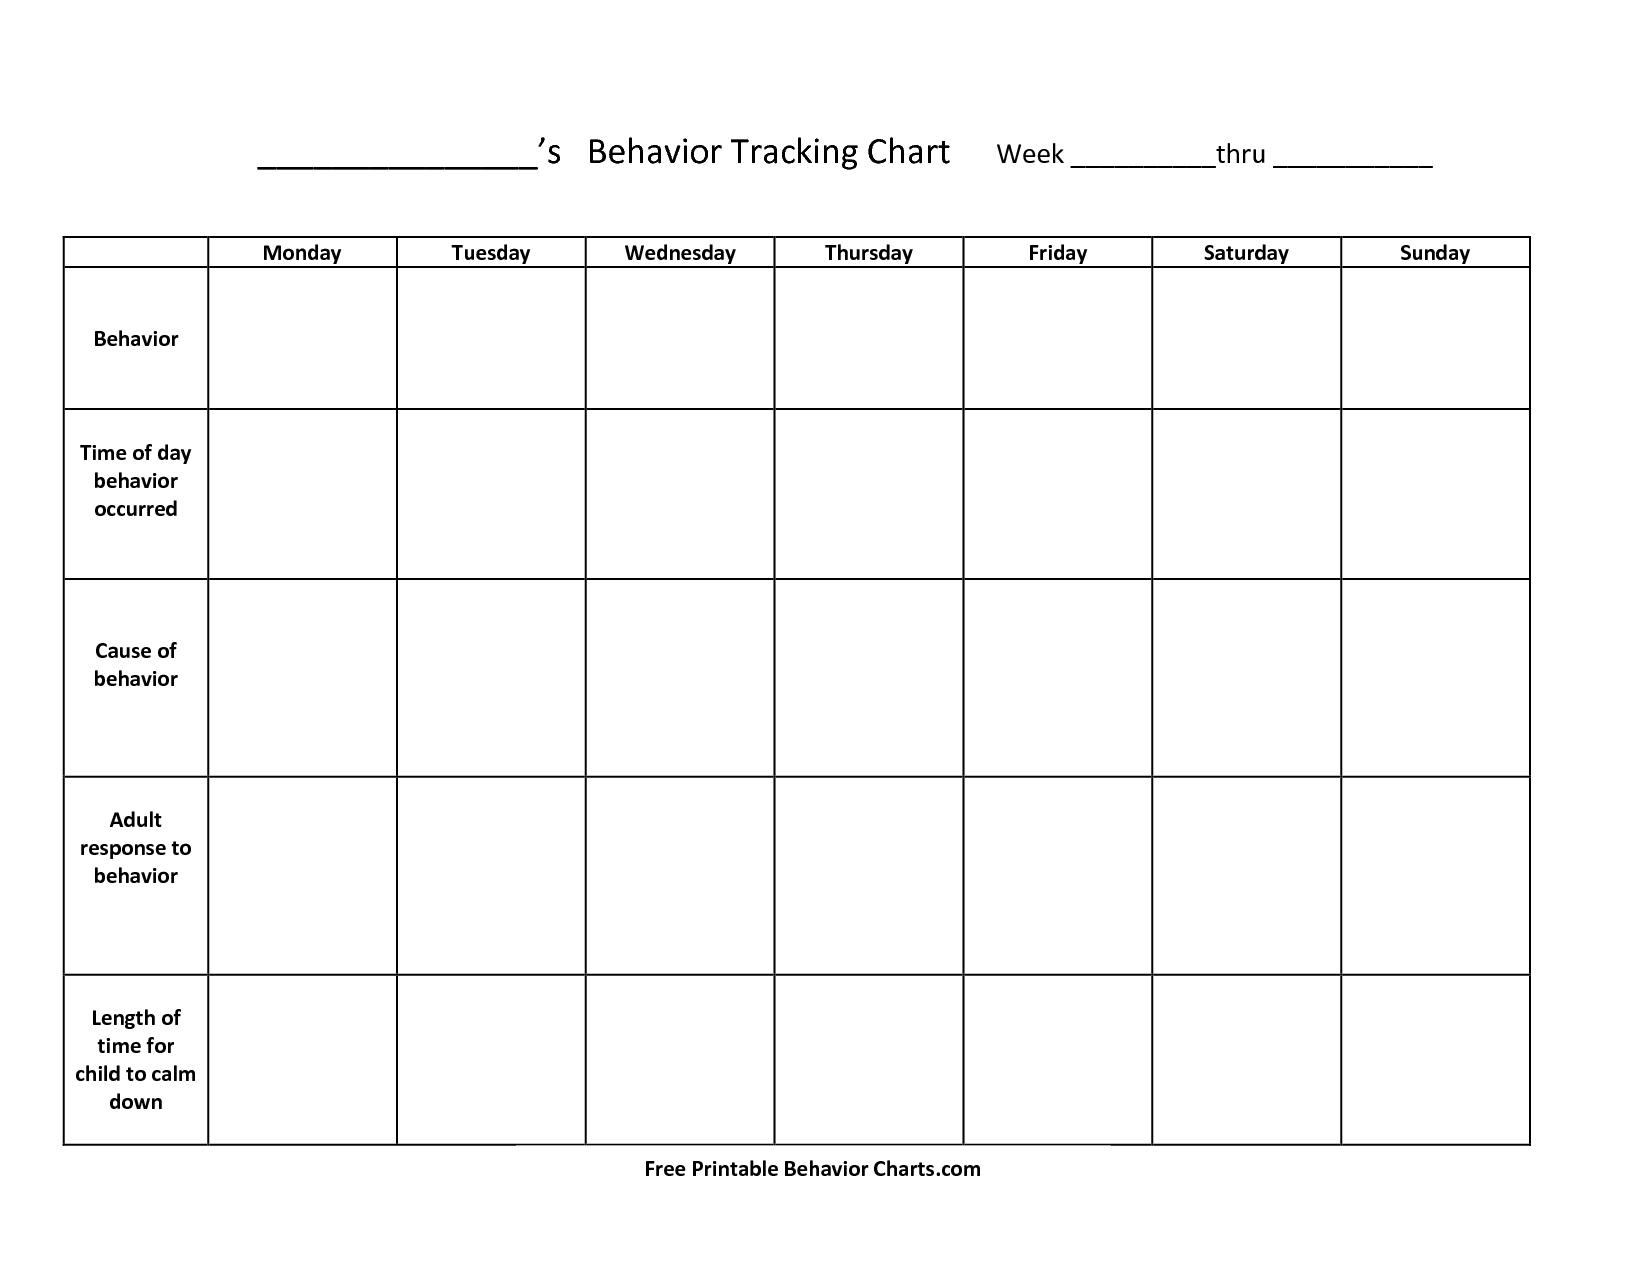 Free+Printable+Behavior+Charts+For+Teachers | Things To Try | Free inside Blank Behavior Charts For September